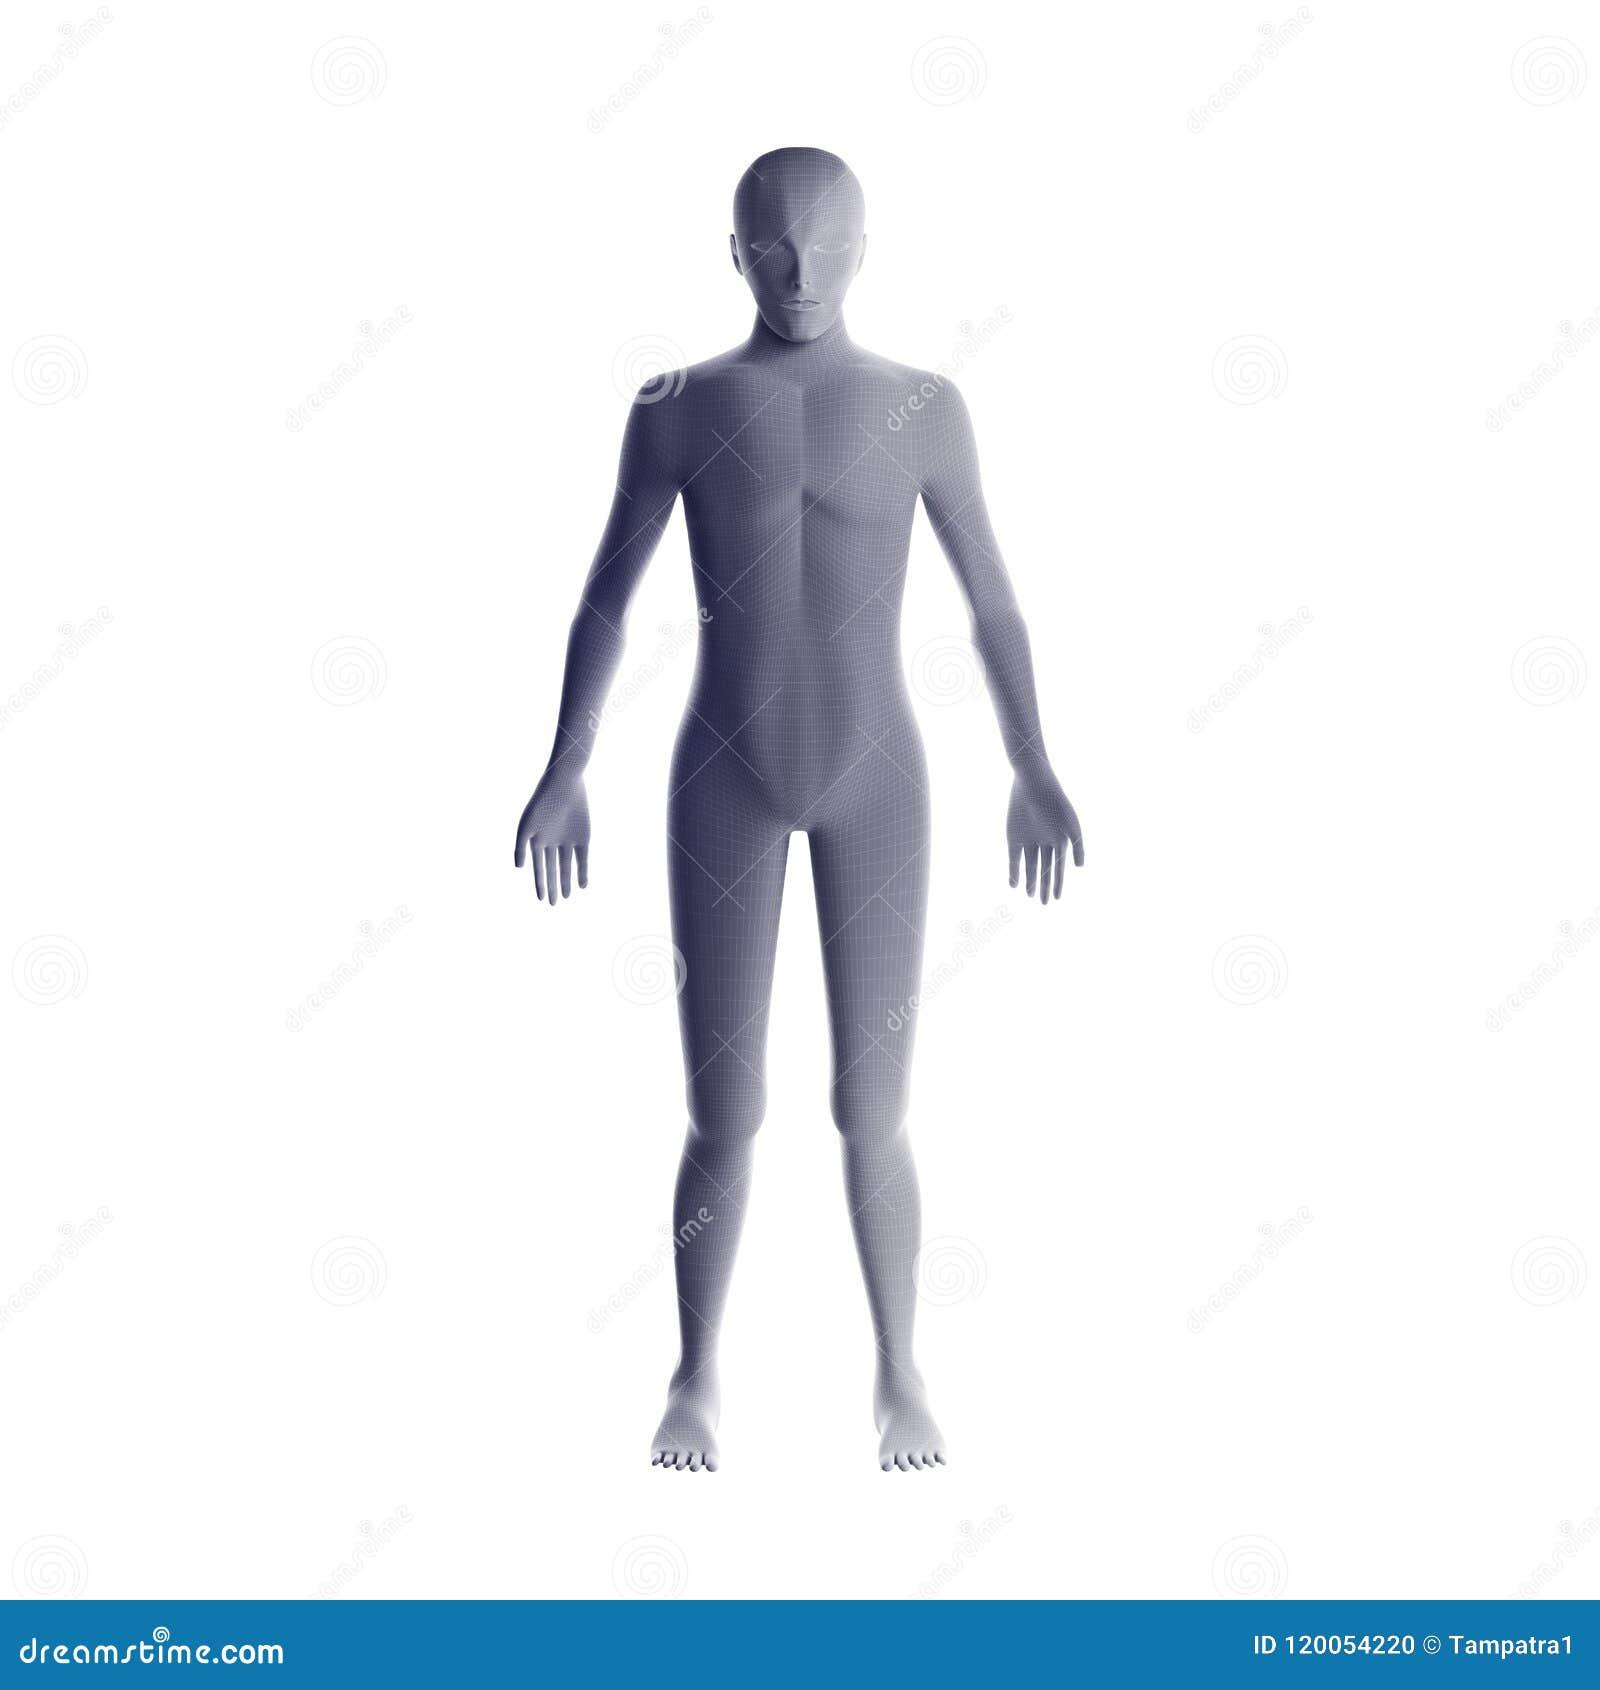 Lujoso Grises Anatomía S10 Bosquejo - Imágenes de Anatomía Humana ...